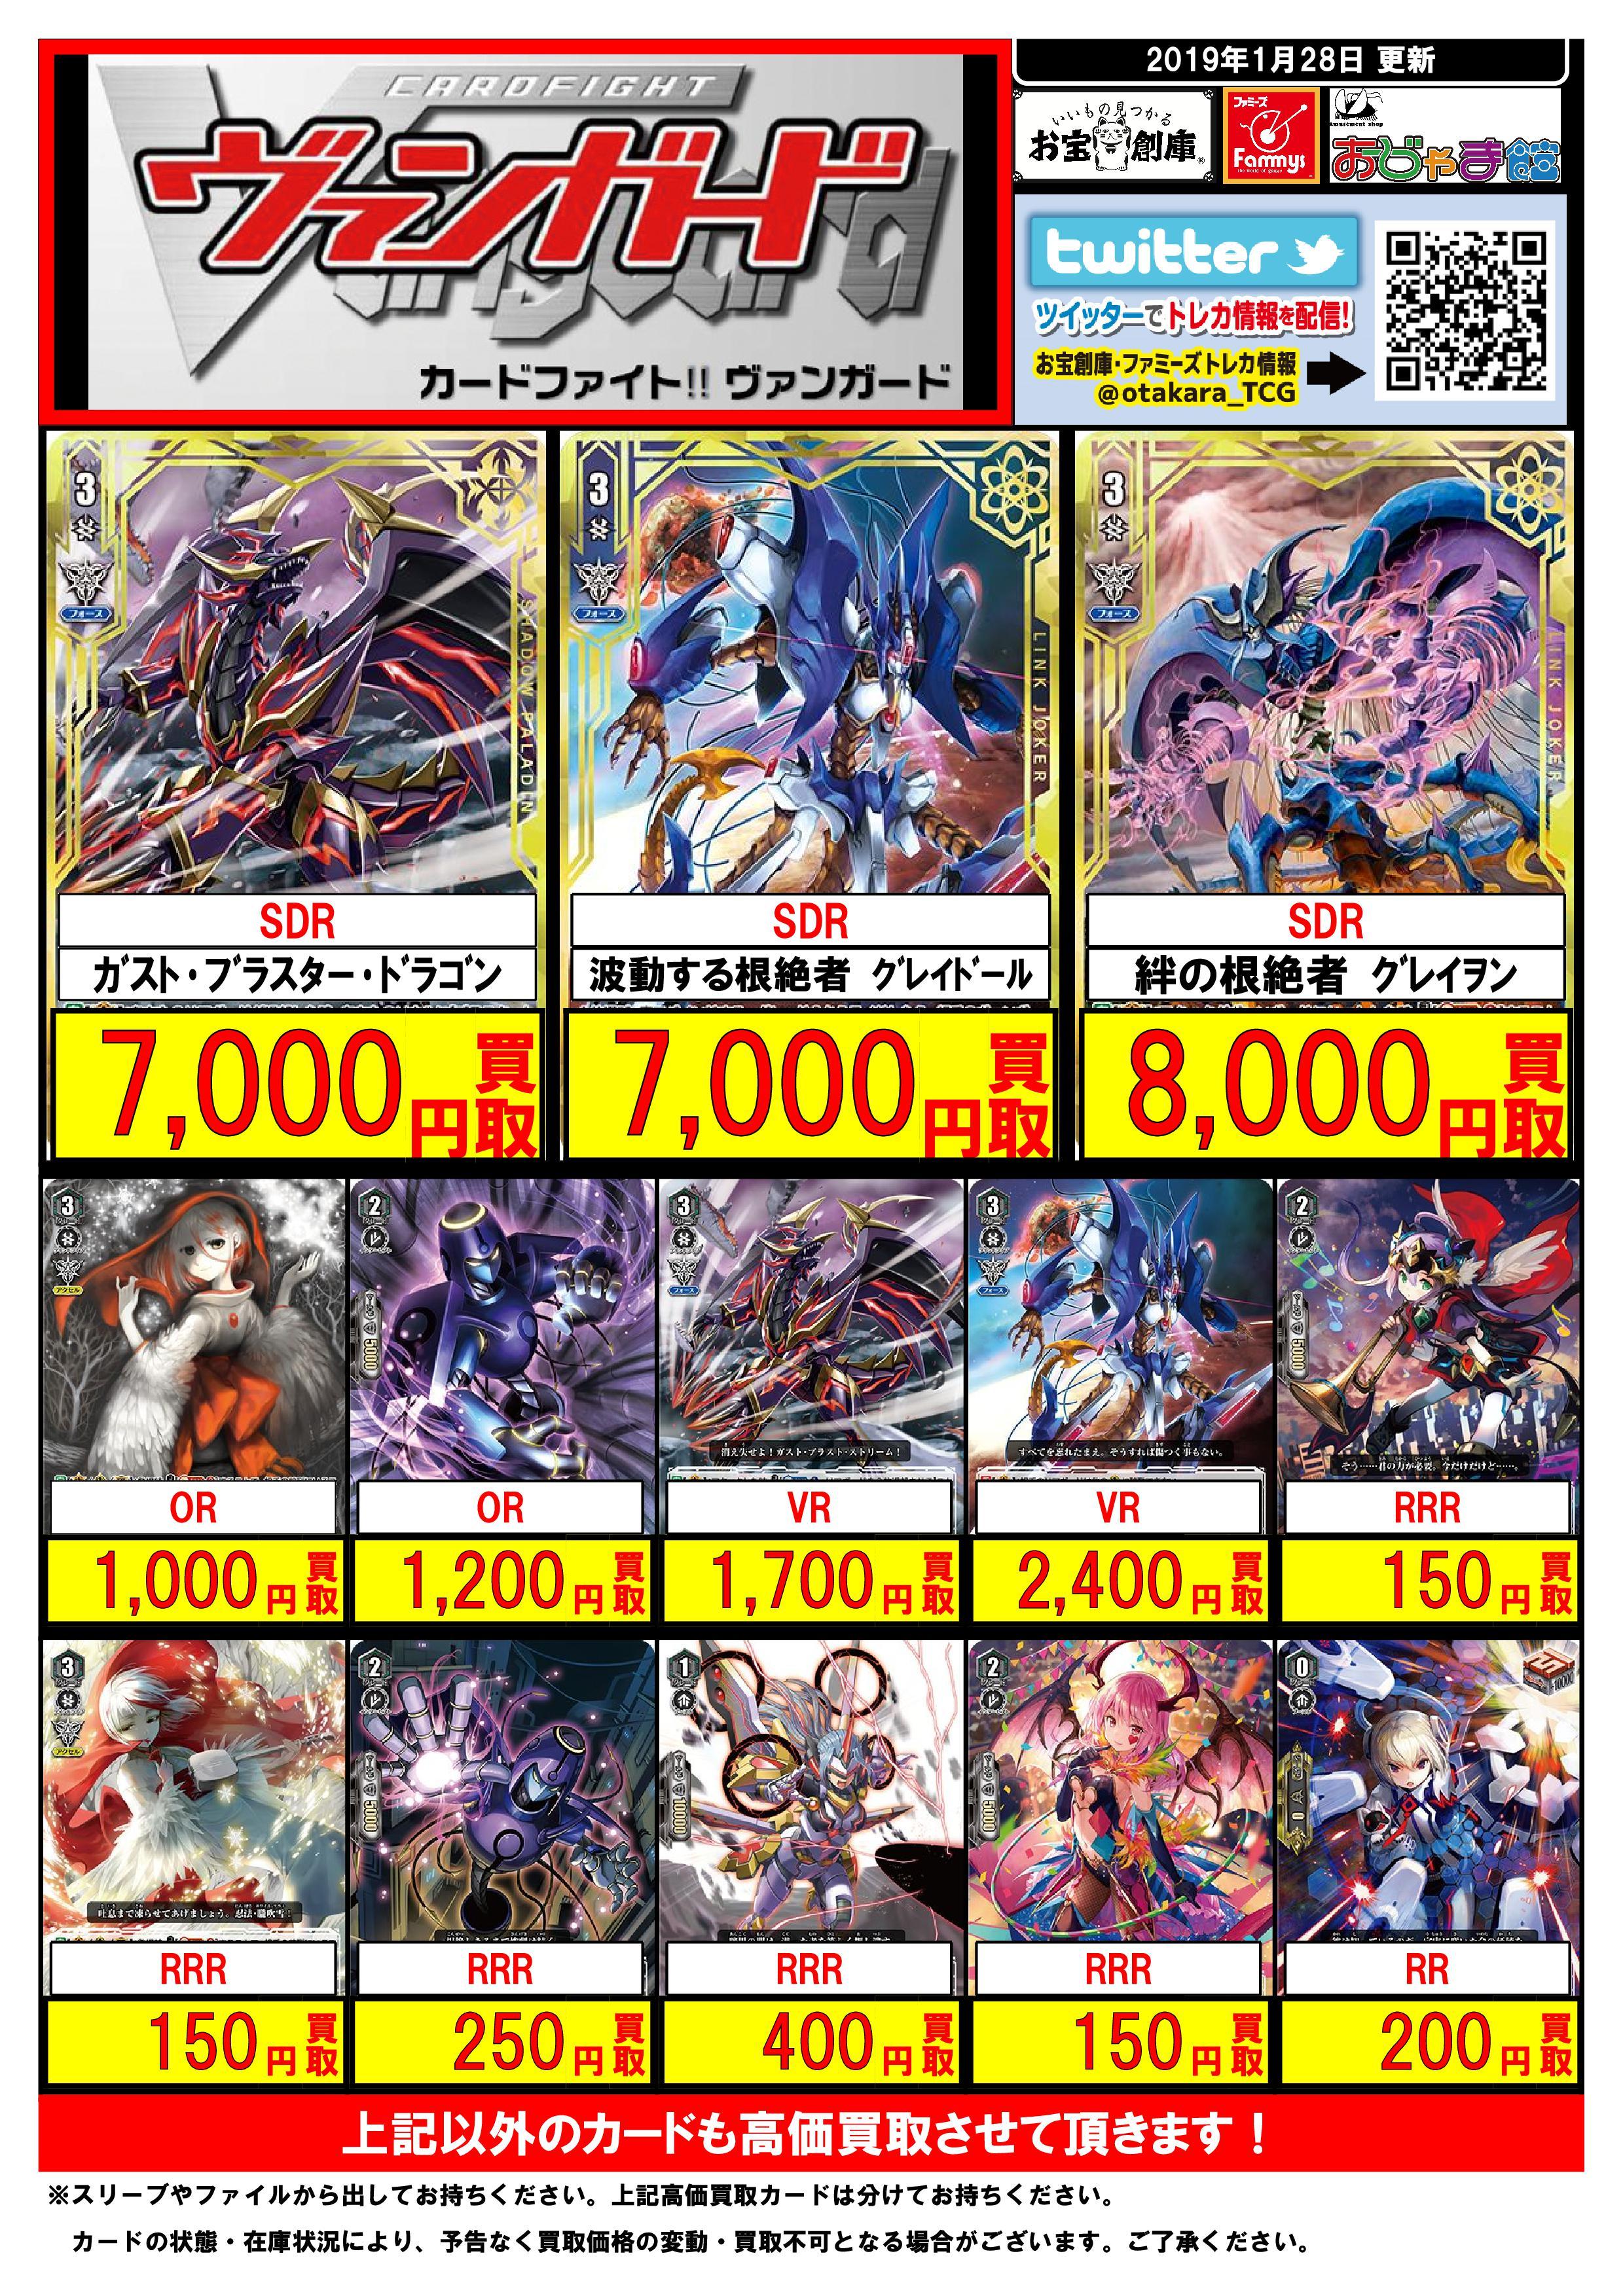 『ヴァンガード』高価買取カード一覧!!【 #メディオ!沖新 】